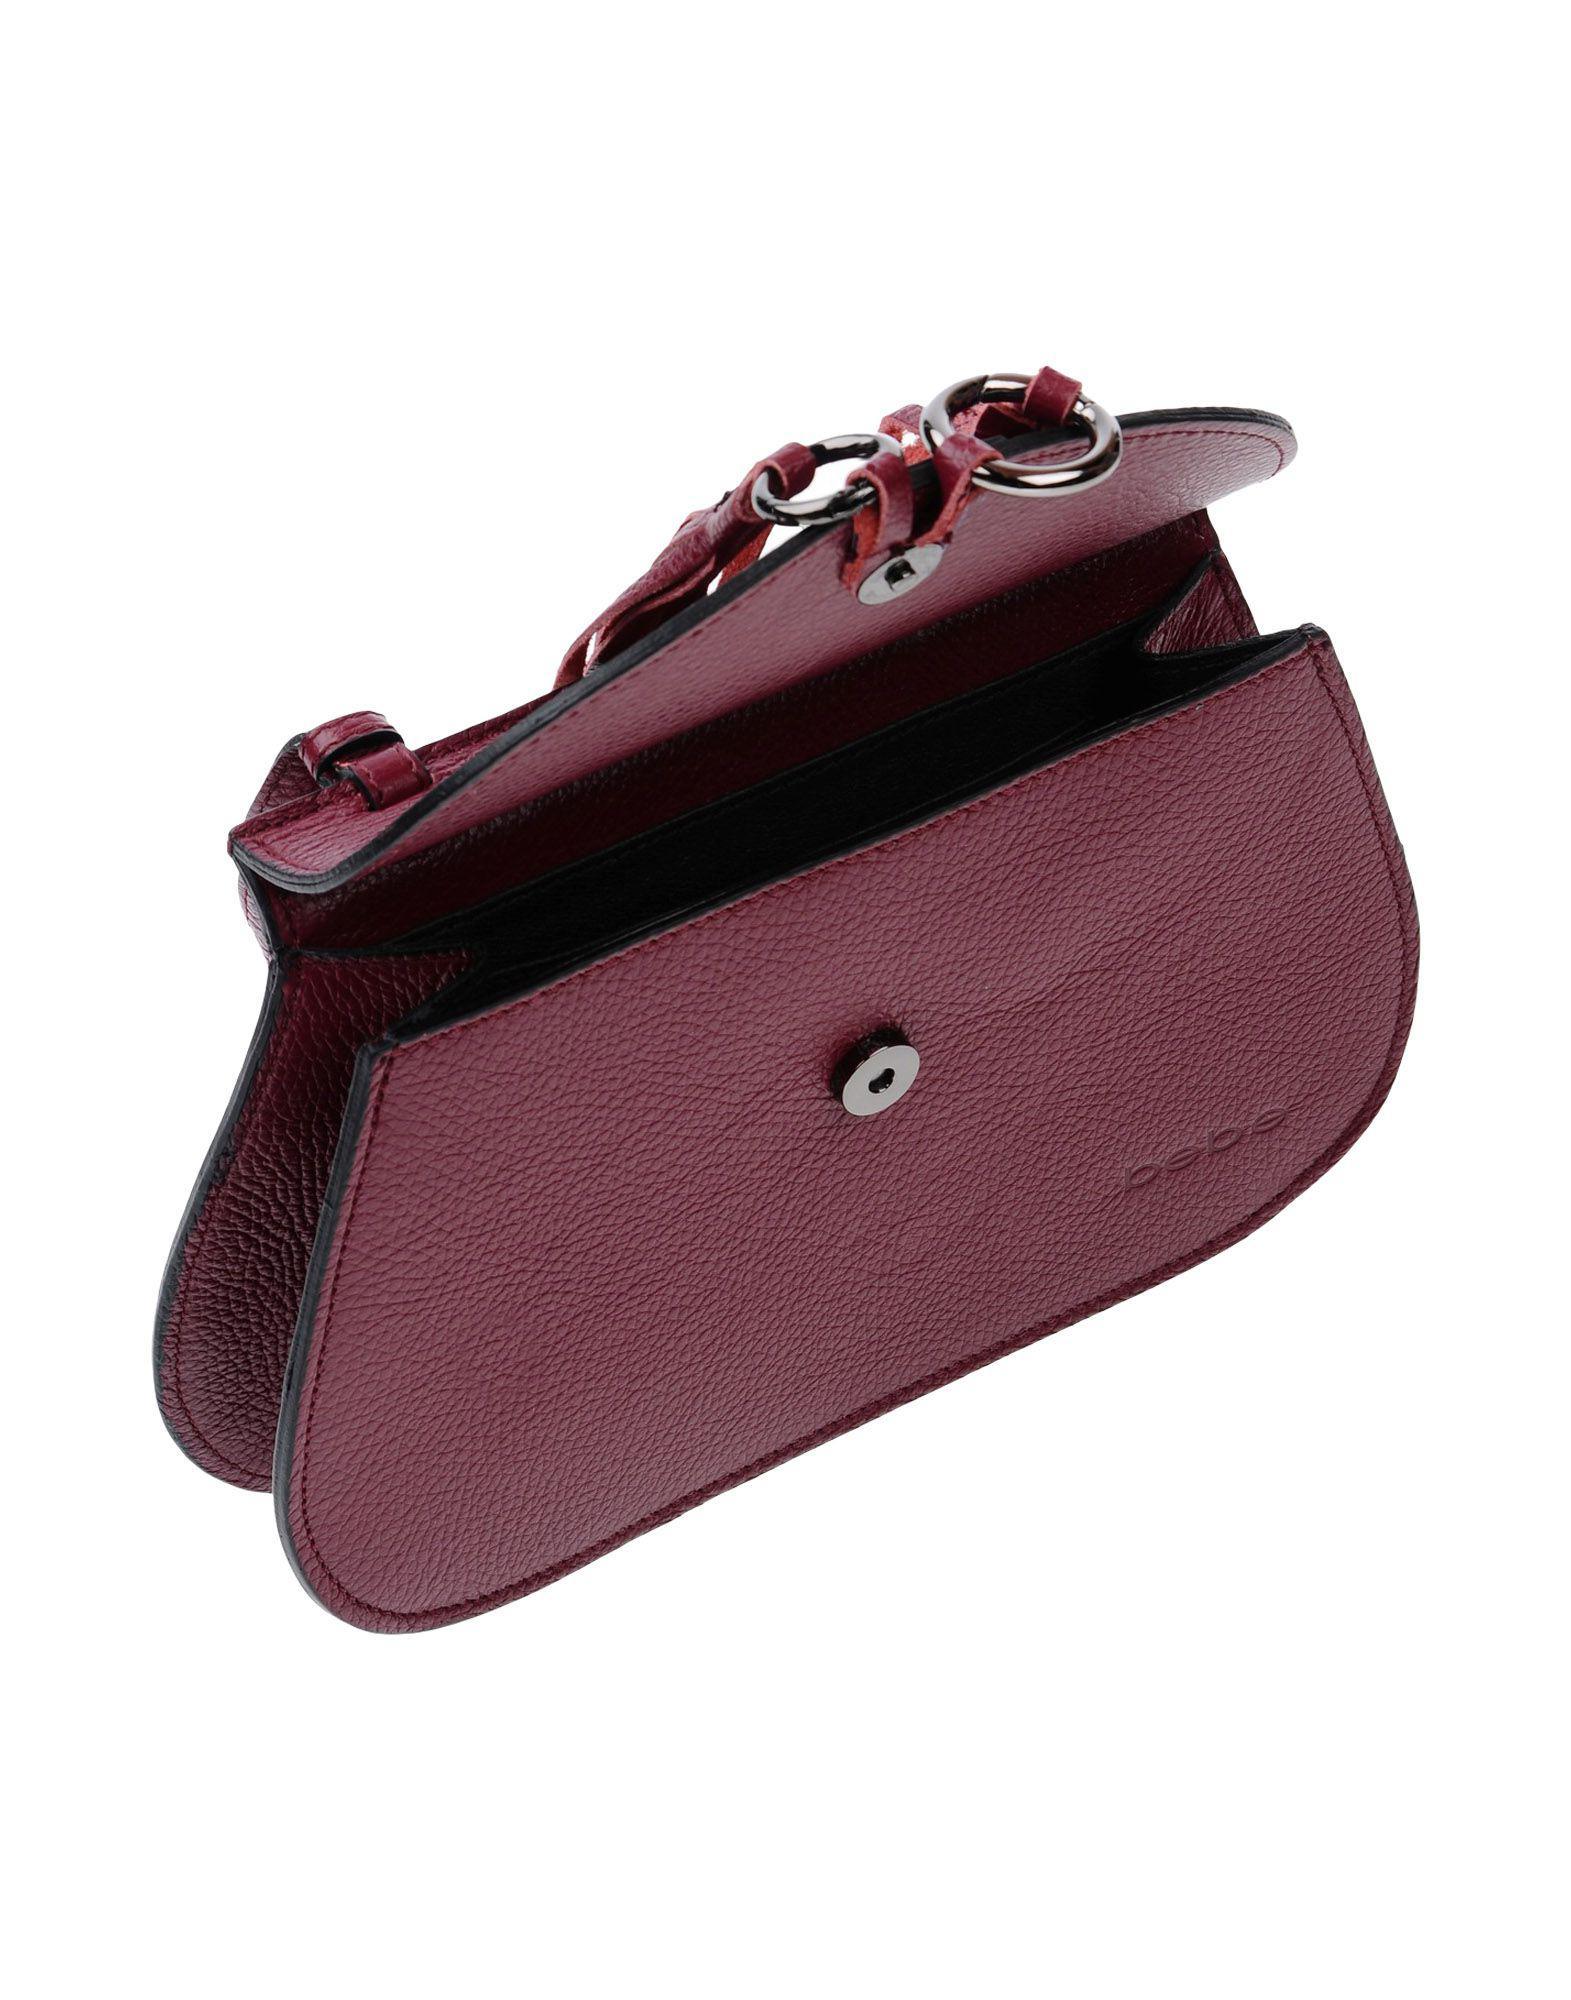 Bebe Leather Cross-body Bags in Deep Purple (Purple)